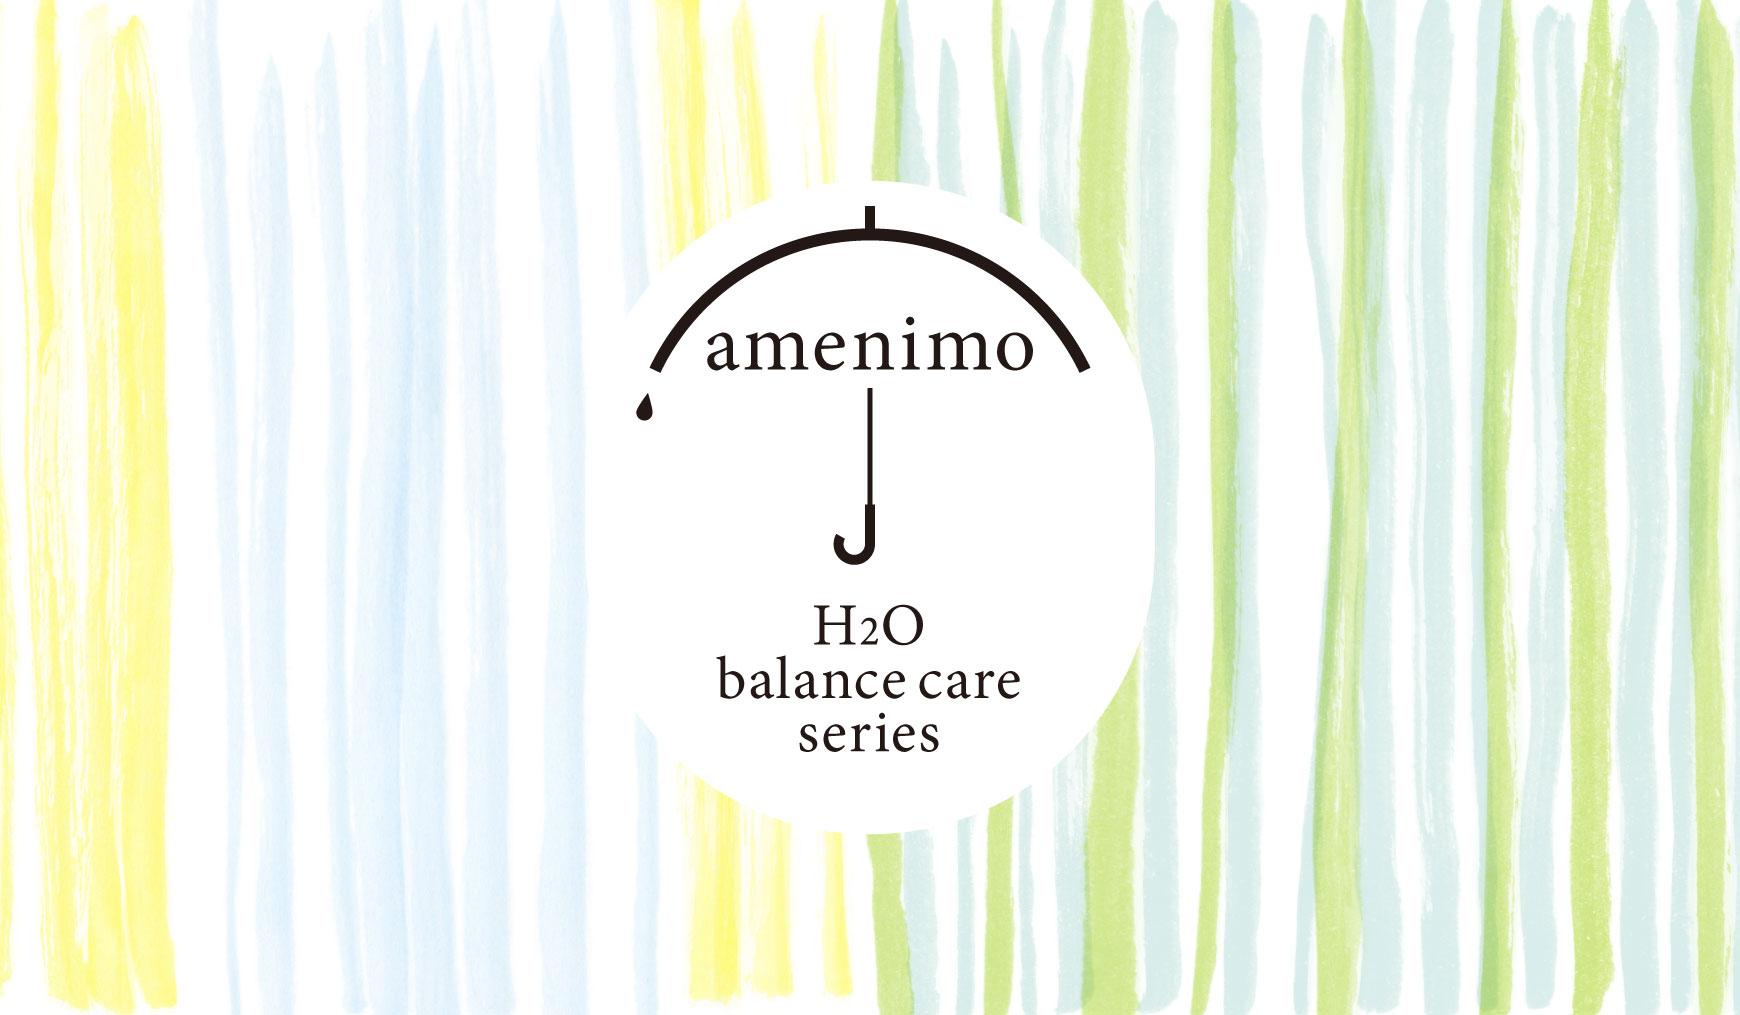 ヘアケアアメニモブランドロゴデザイン画像